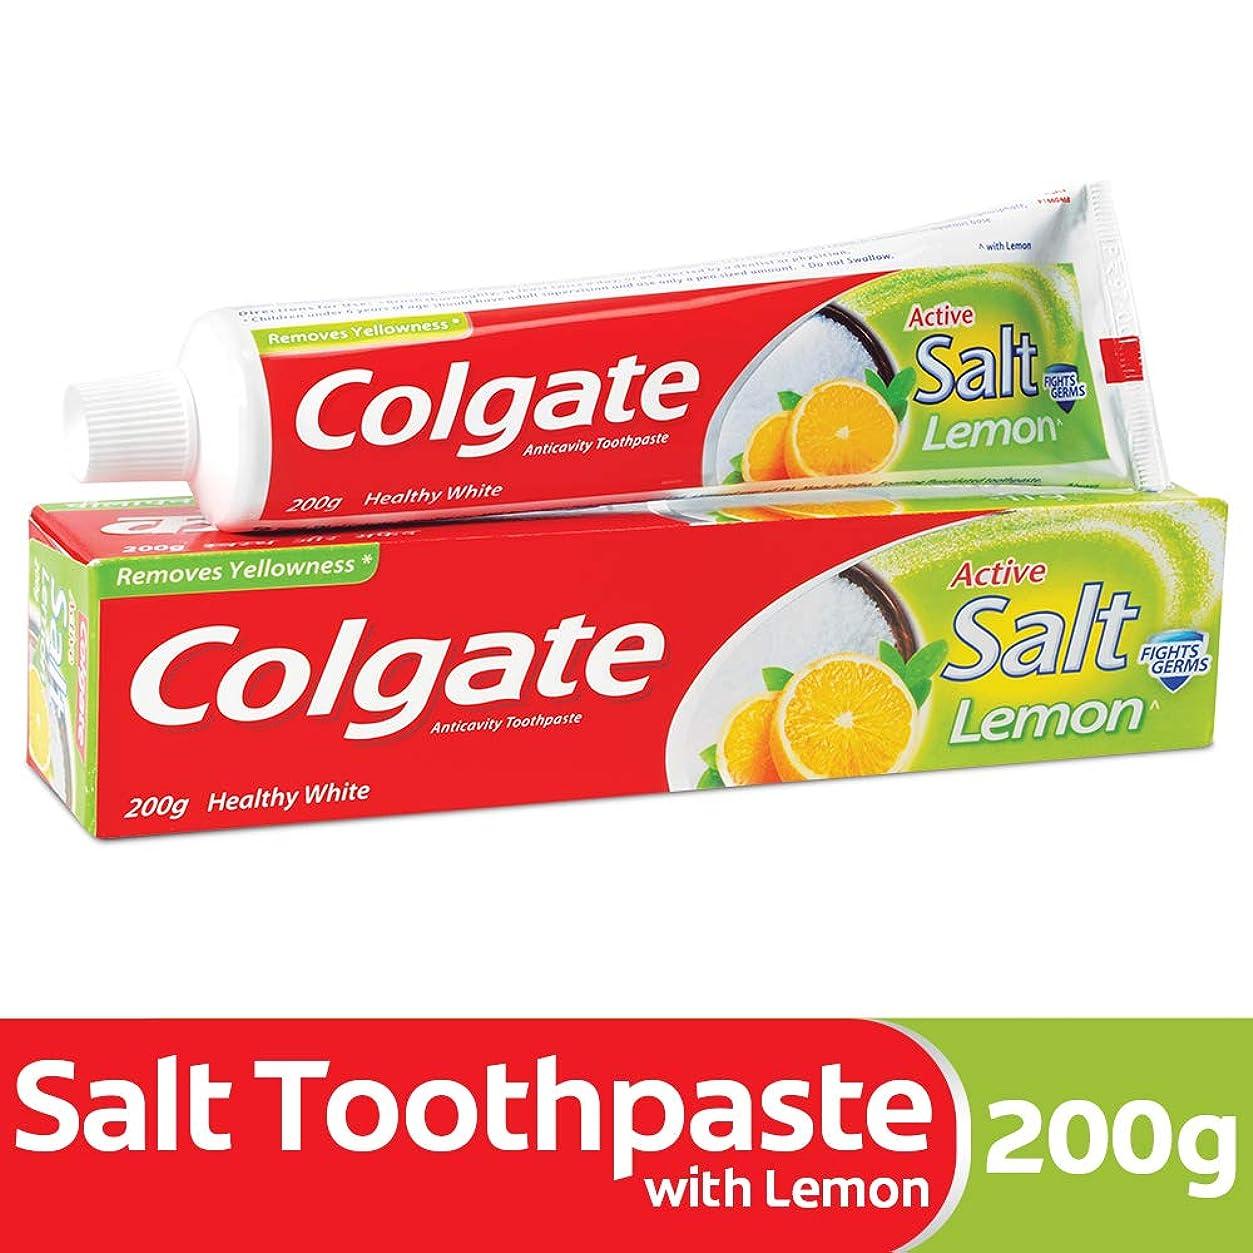 針めんどりほかにColgate Toothpaste Active Salt - 200 g (Salt and Lemon)